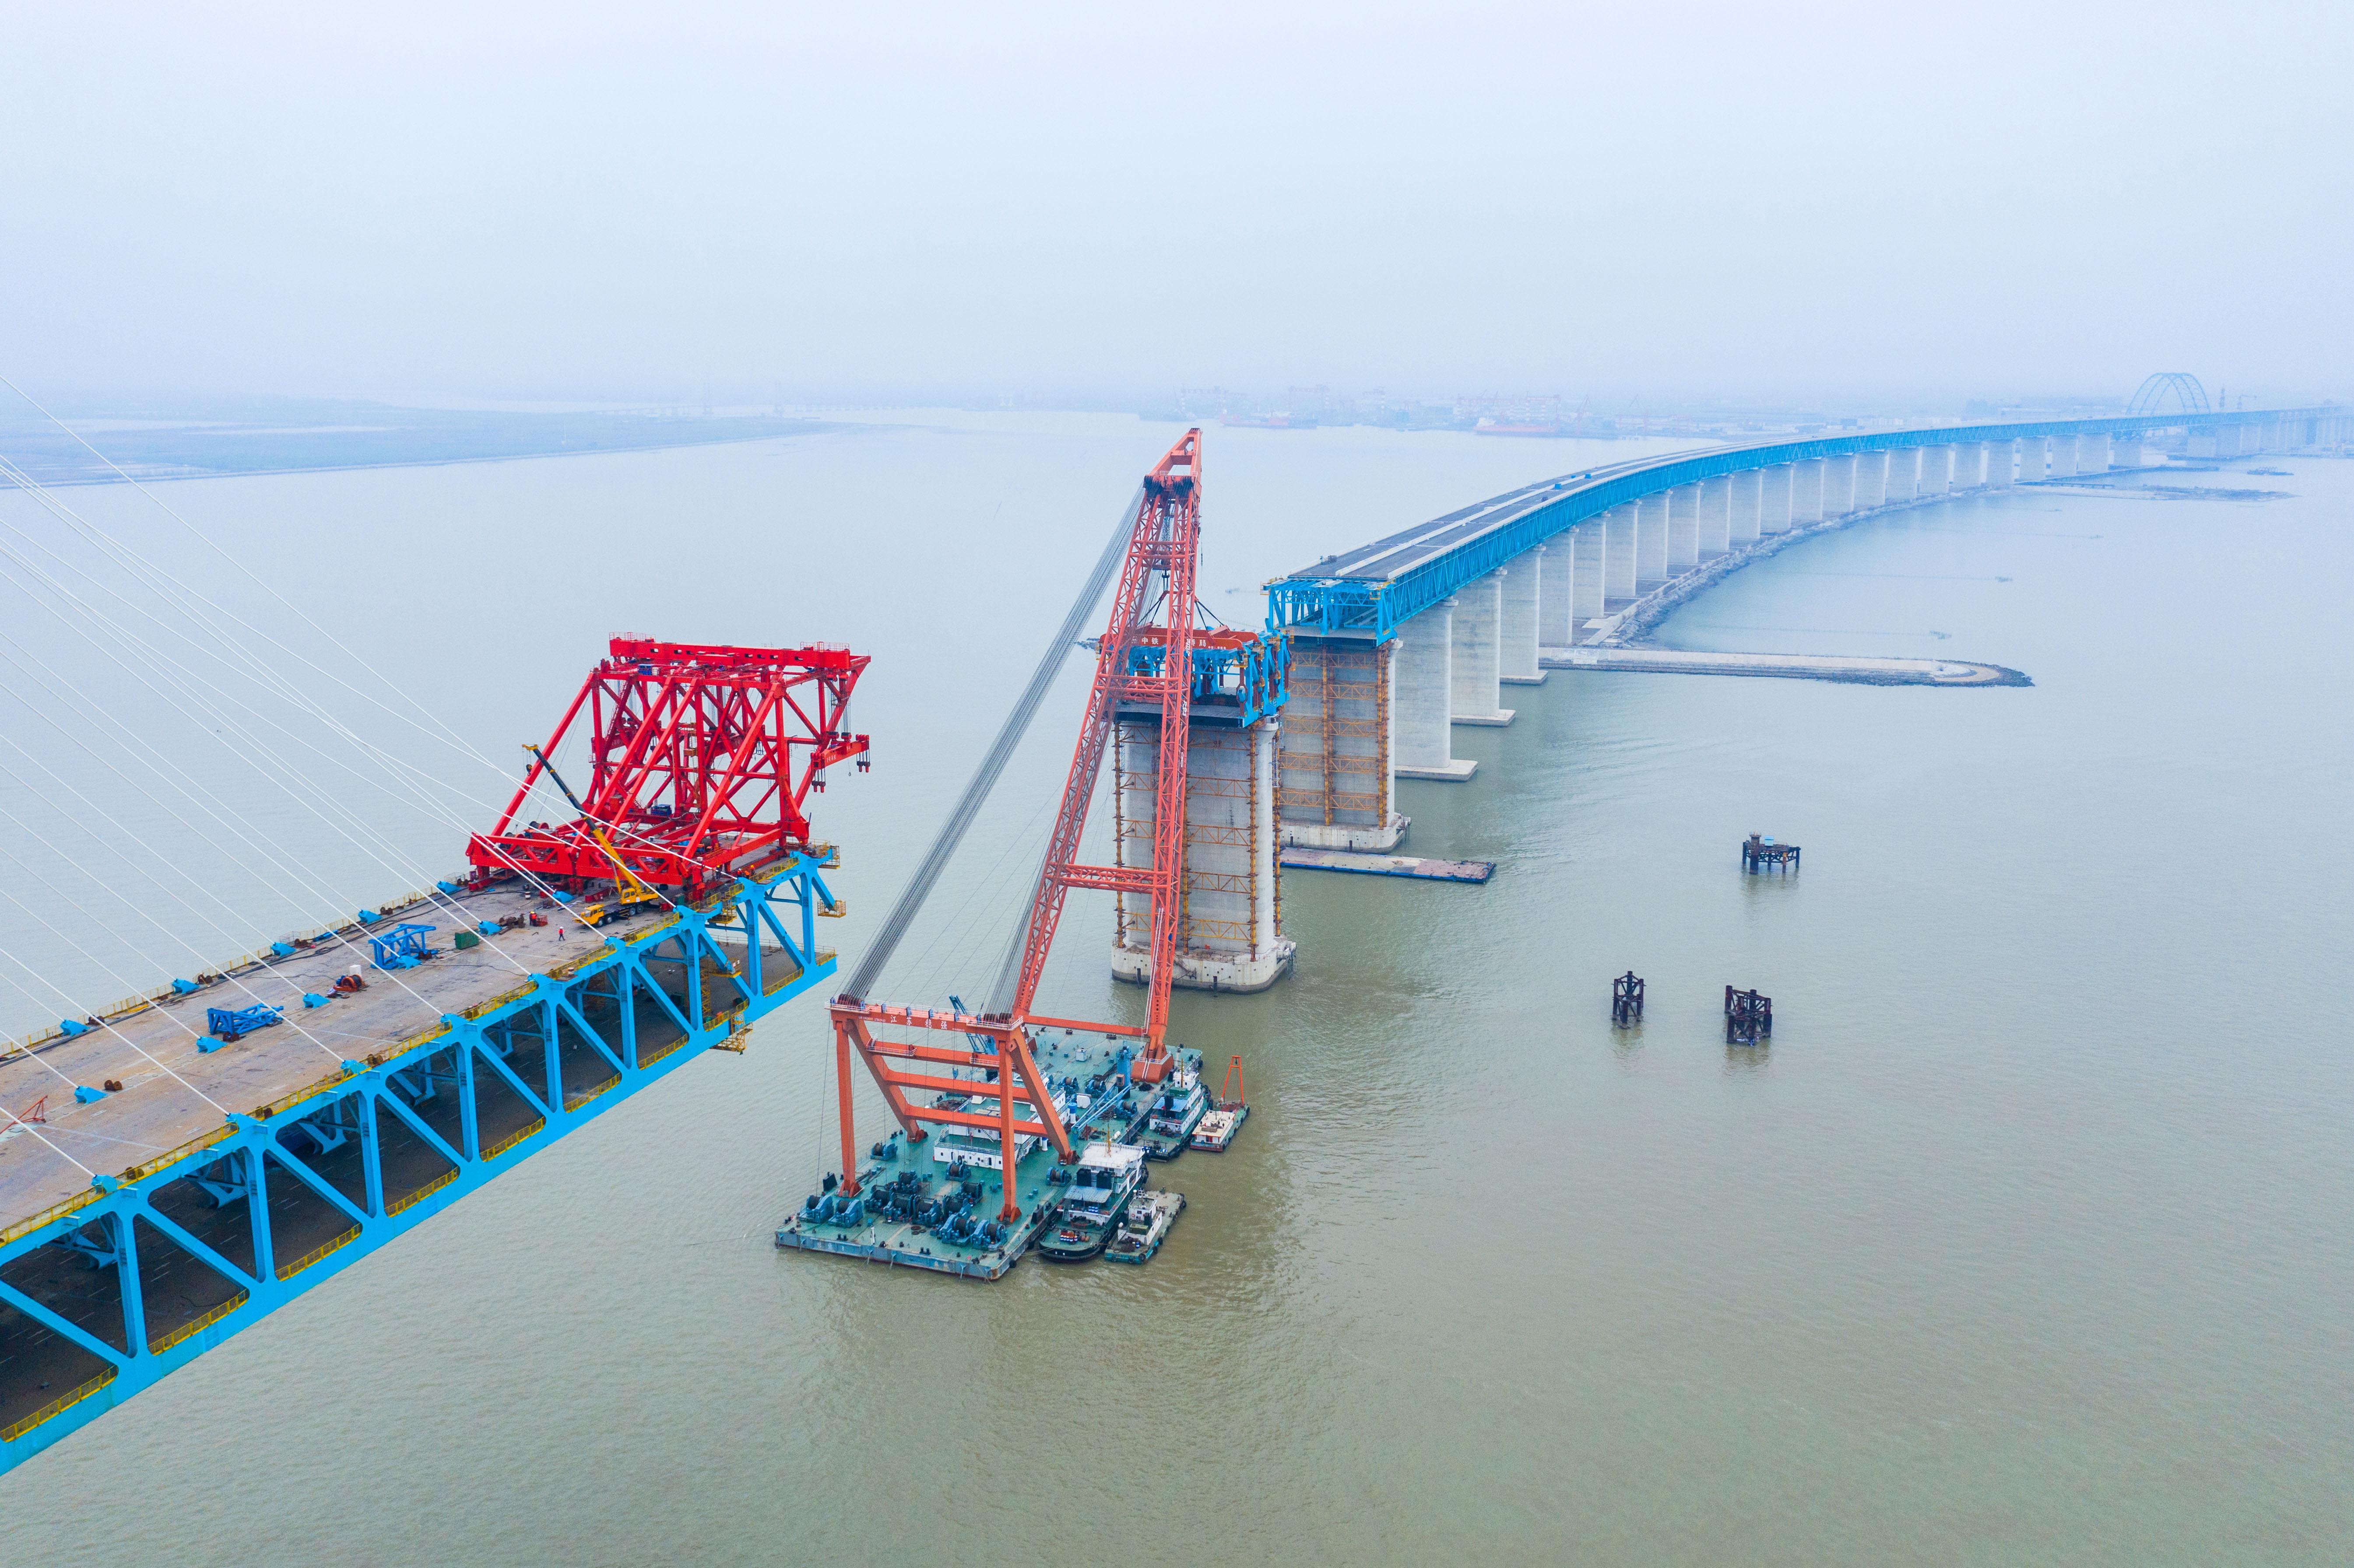 沪通长江大桥主航道桥墩顶钢梁架设施工全部完成